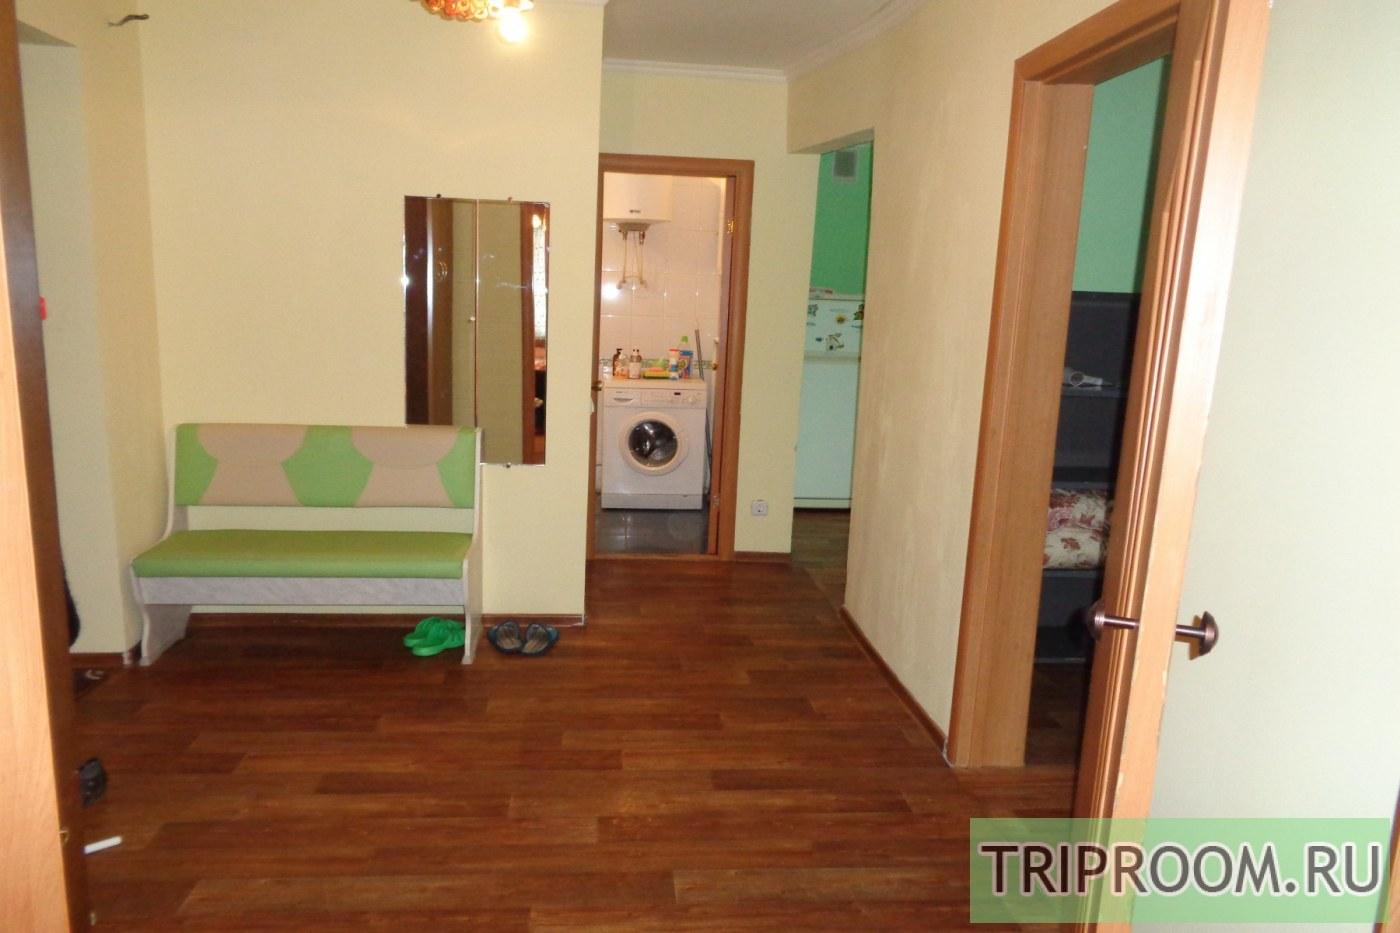 2-комнатная квартира посуточно (вариант № 33612), ул. Учебная улица, фото № 2